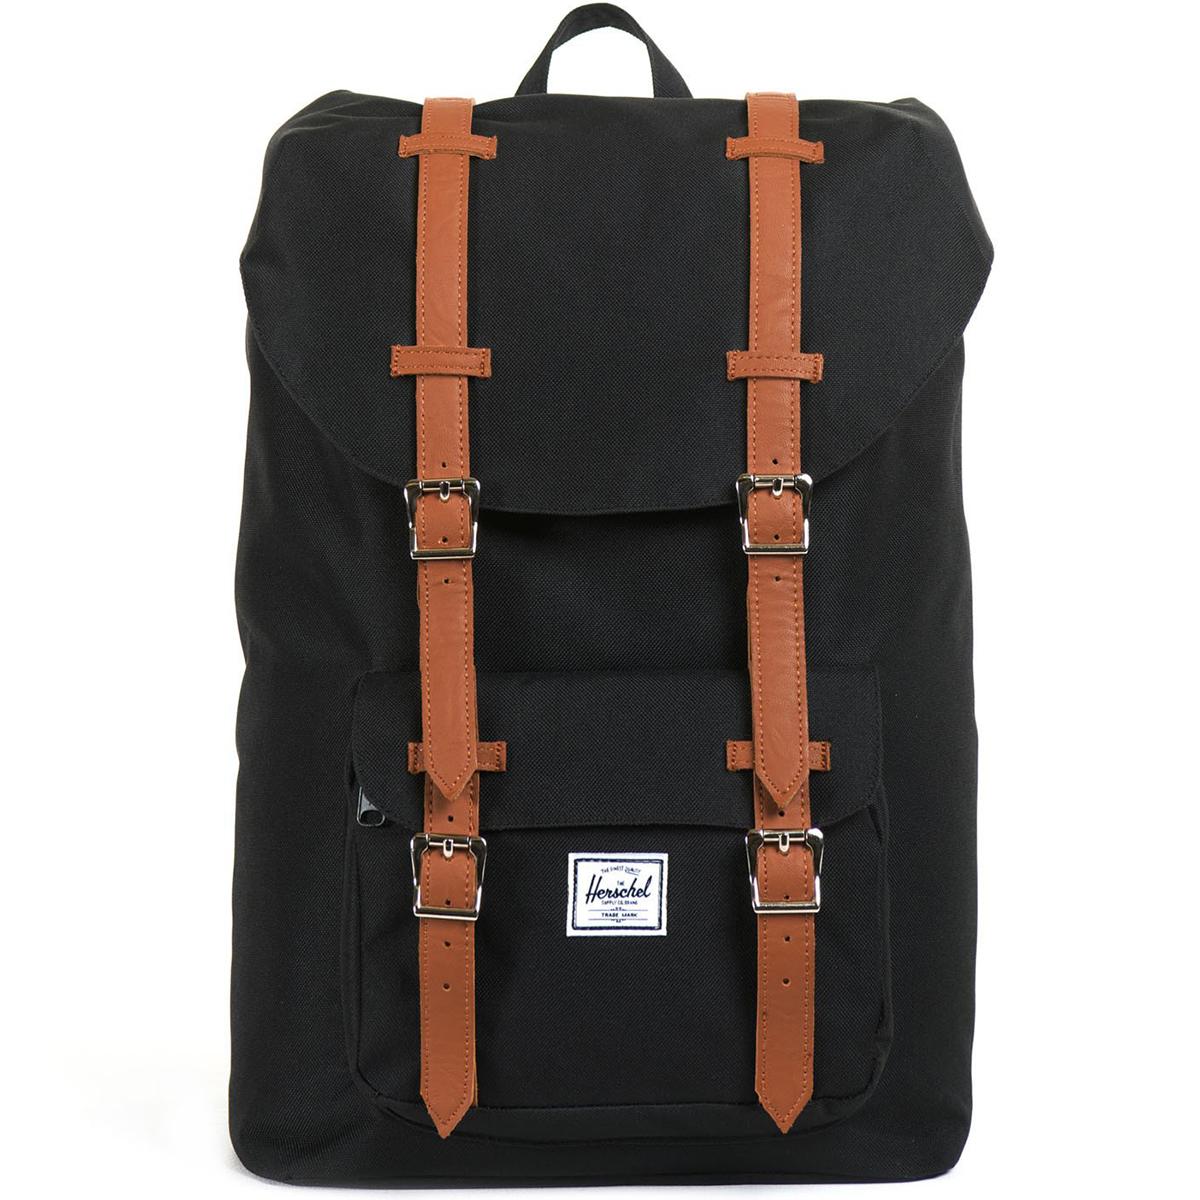 Рюкзак городской Herschel Little America (A/S), цвет: черный, светло-коричневый. 828432010431828432010431Рюкзак Herschel Little America ™ одна из самых значимых моделей, соединяя классический альпинистский стиль с современной функциональностью. Для повседневного использования.